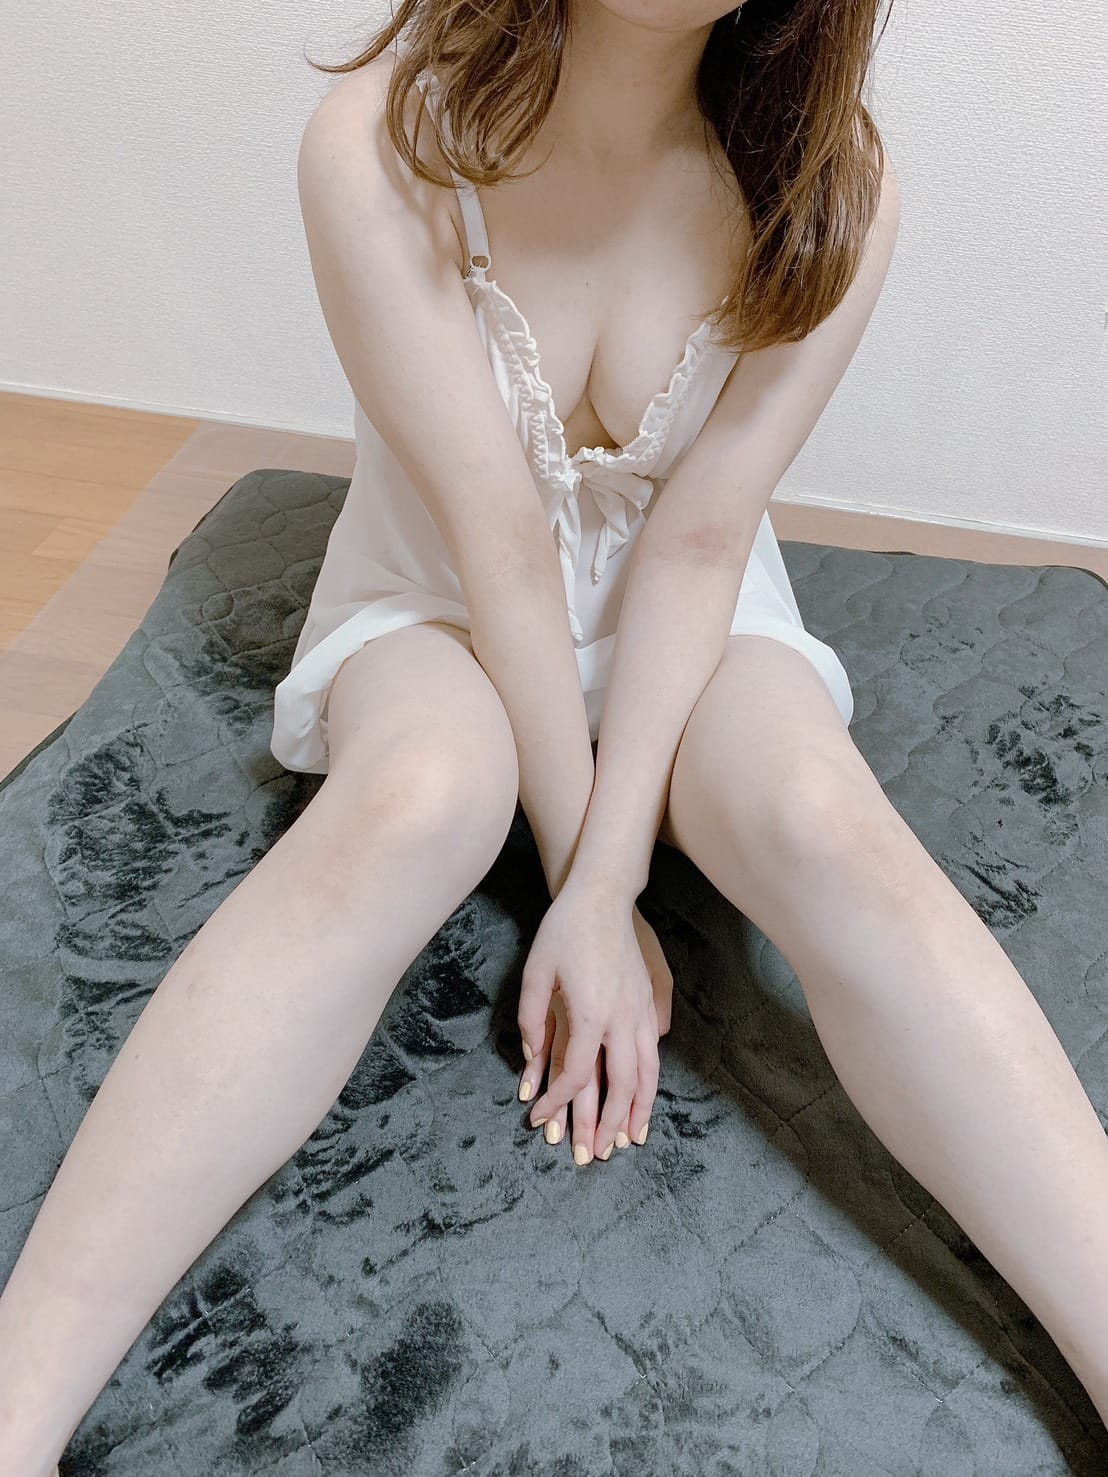 桜瀬花凛(さくらせかりん)【笑顔がとってもキュート】 | ペルシコスPERUSIKOS()